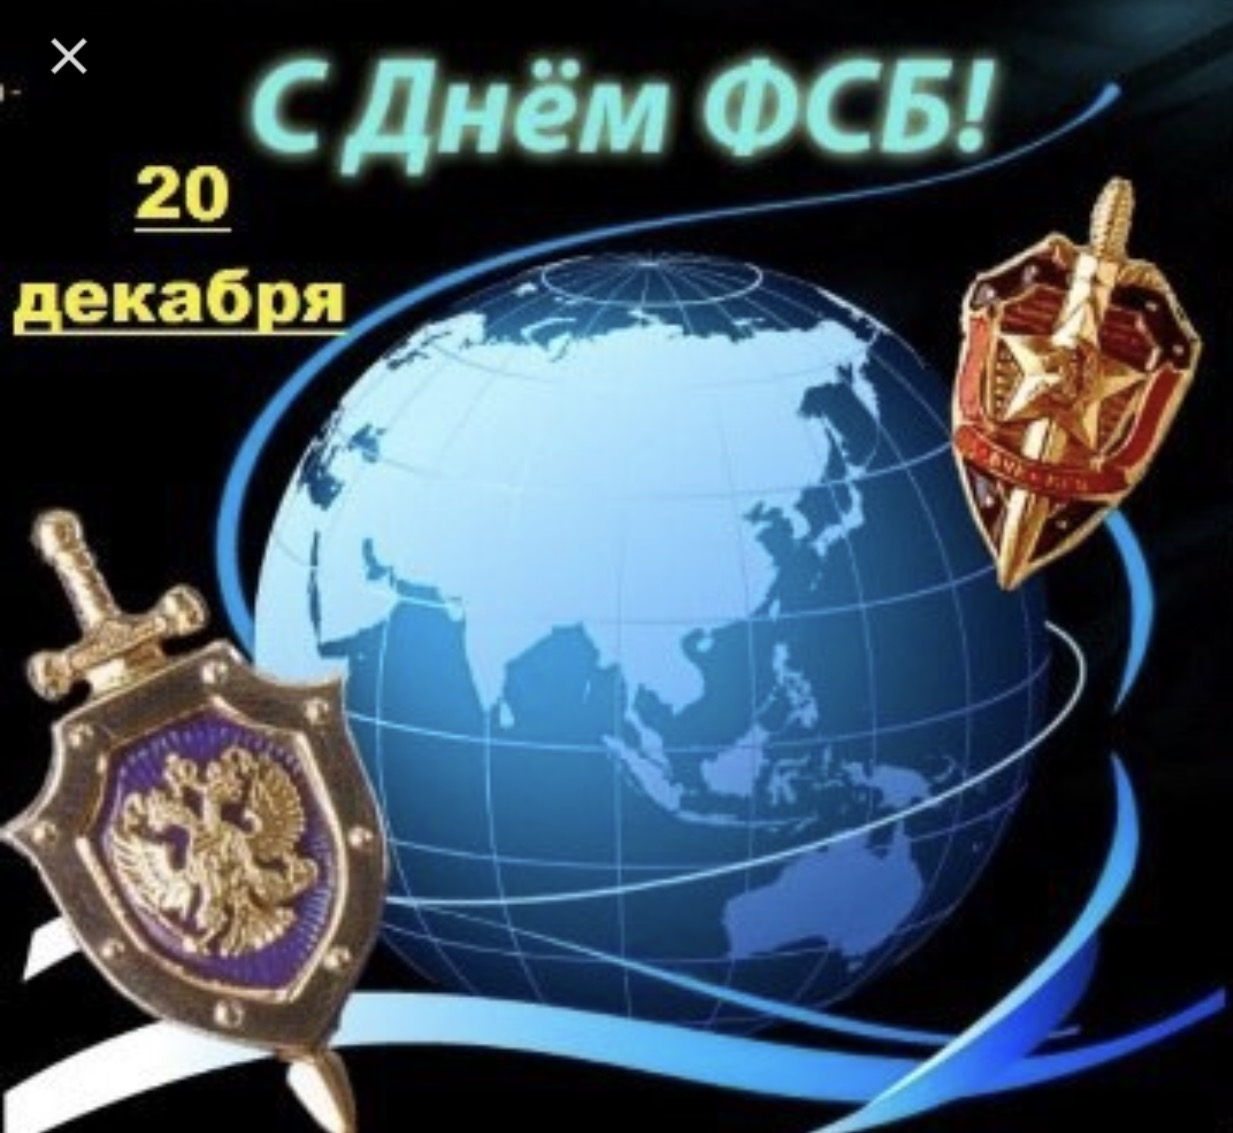 20 декабря праздник - день ФСБ